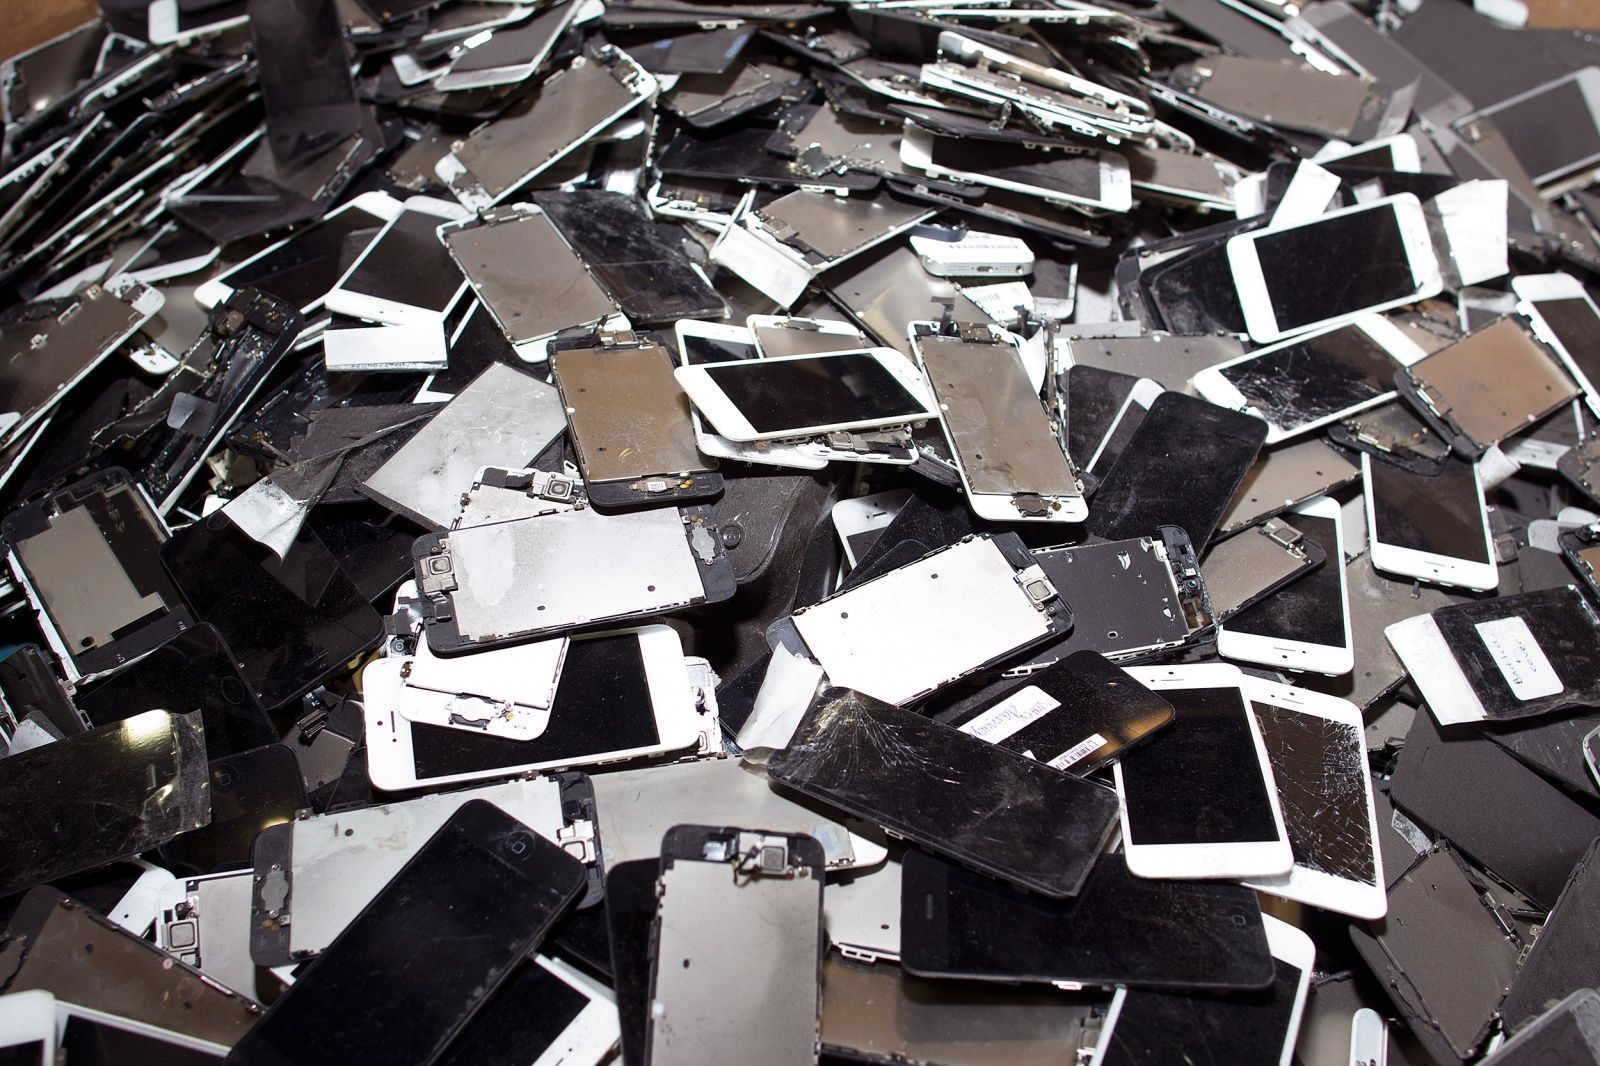 ¿Cómo cuidar y reciclar tu celular?